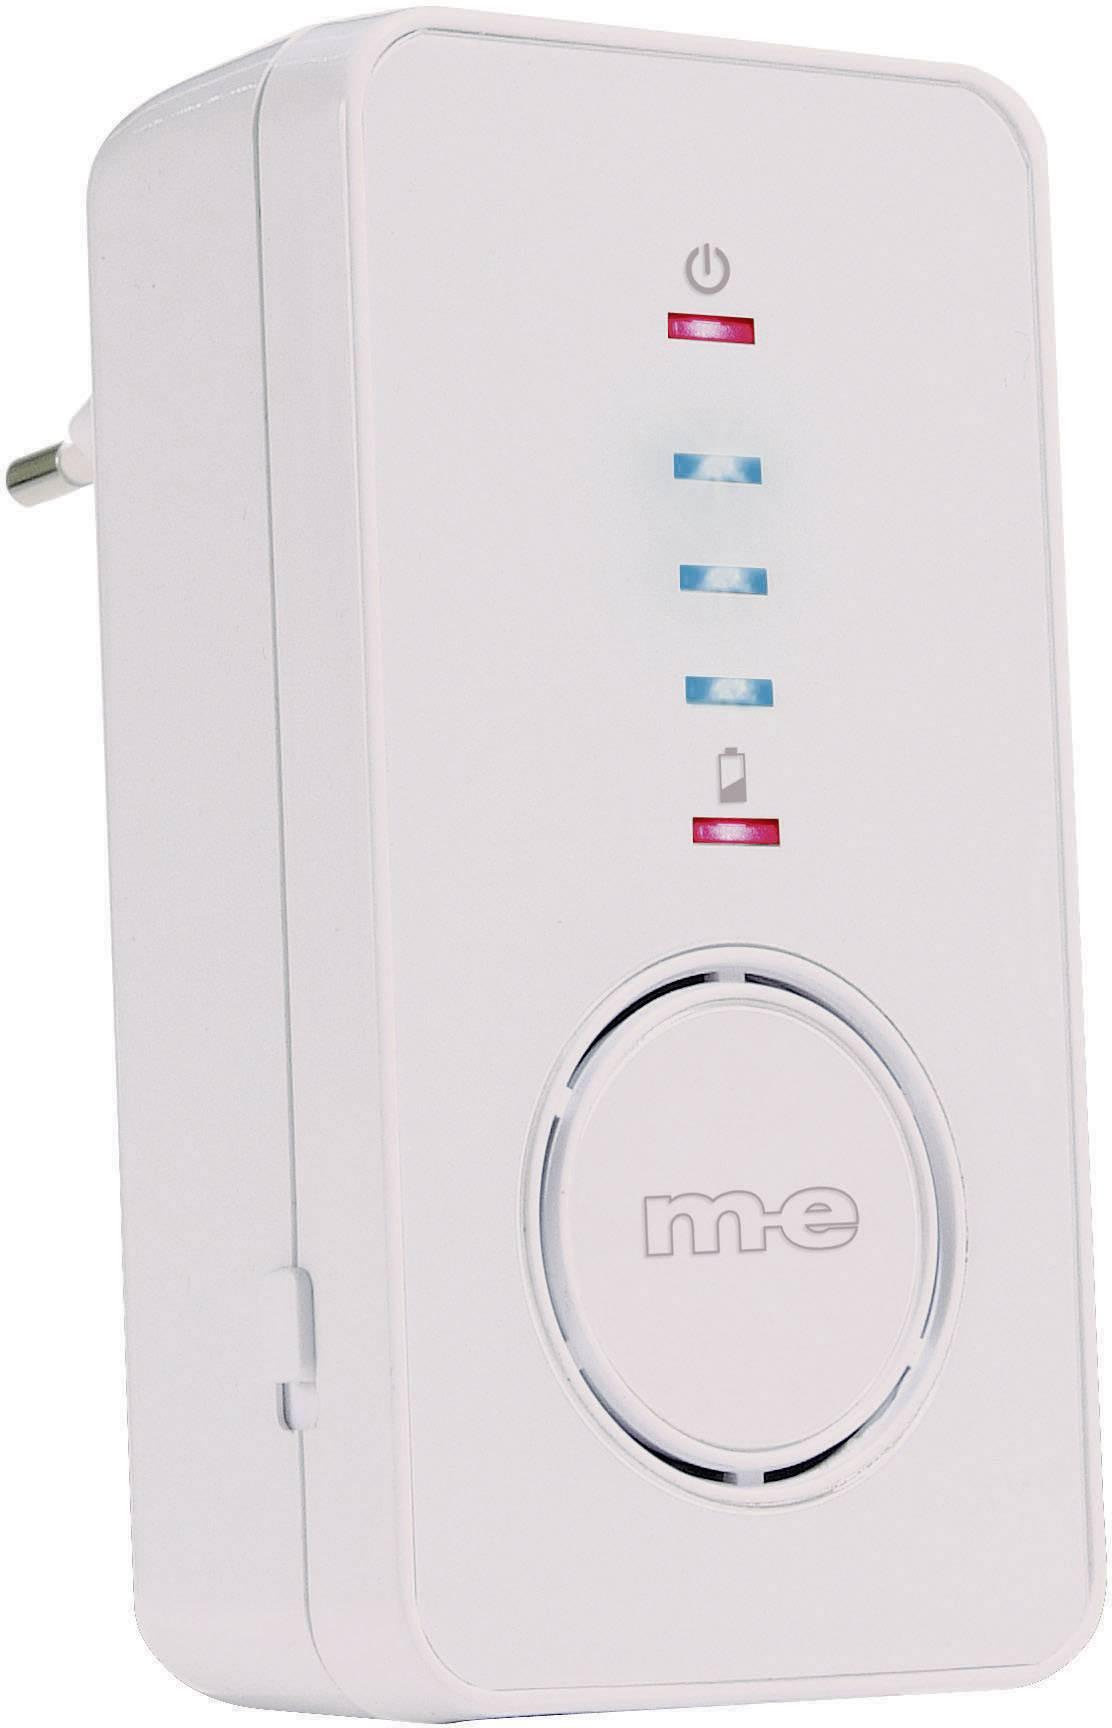 Bezdrátový zvonek m-e modern-electronics Bell-220.3 RX 41157, přijímač, bílá